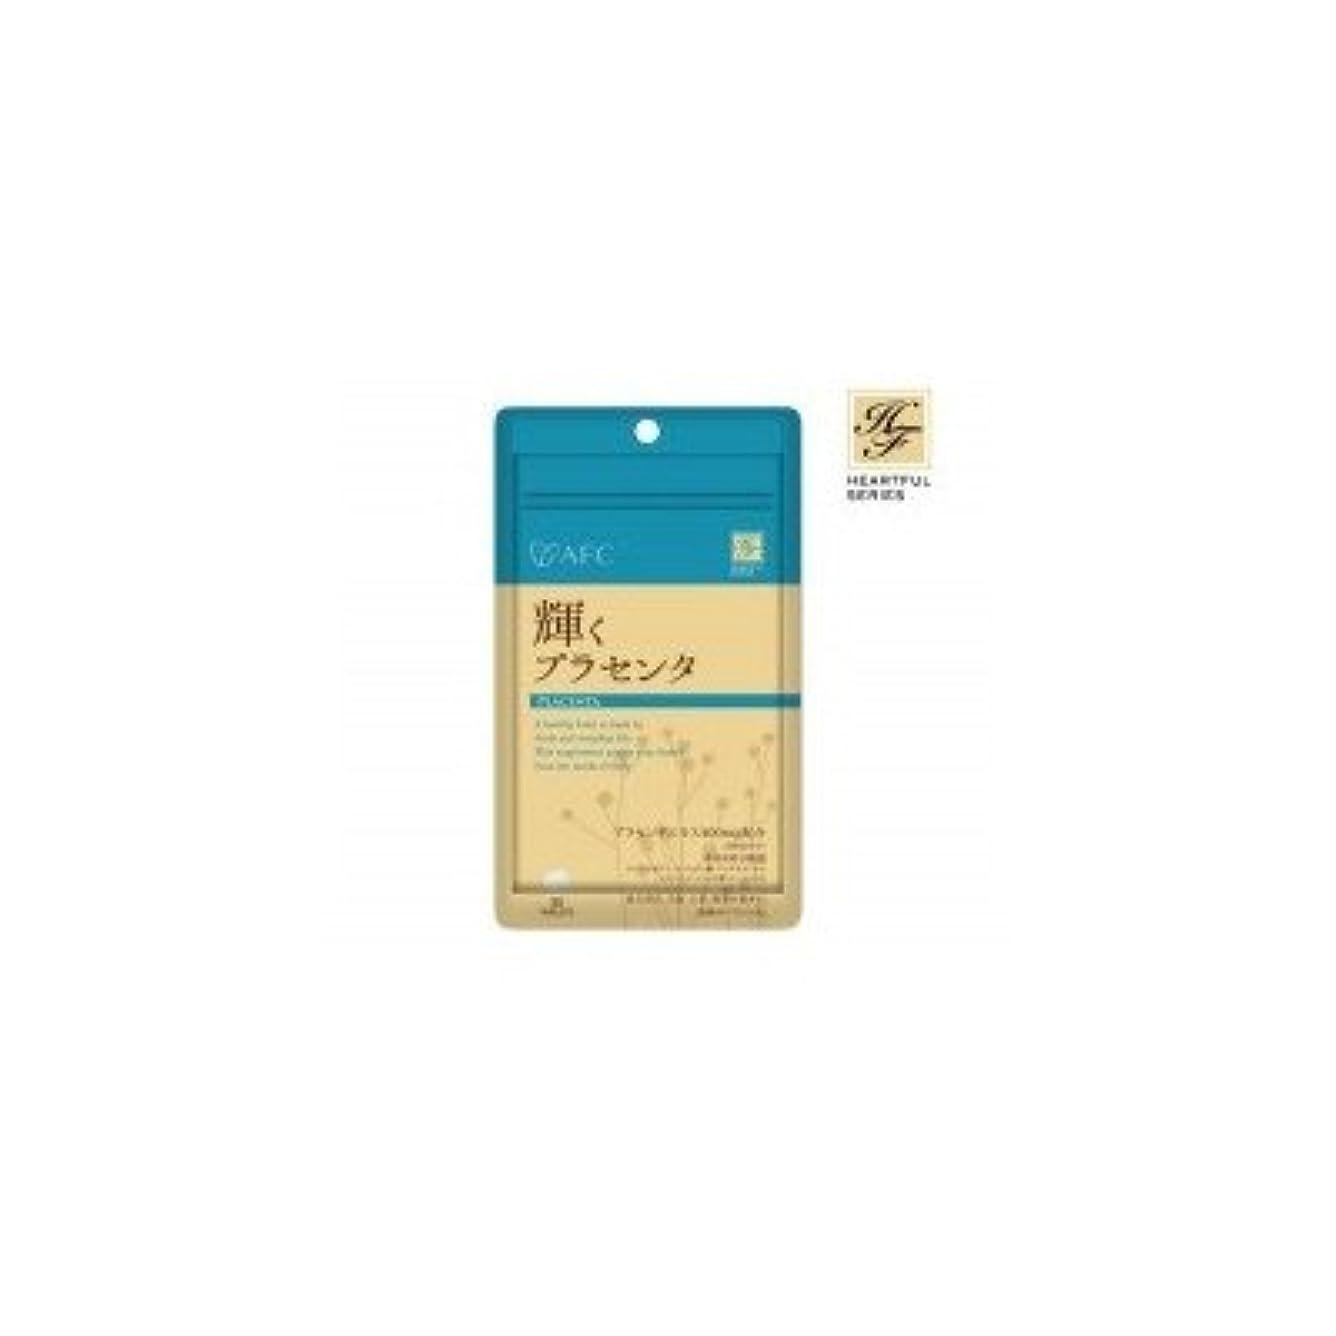 メロドラマ組リボンAFC(エーエフシー) ハートフルシリーズサプリ 輝くプラセンタ HFS02×6袋 こころが溢れる健康習慣